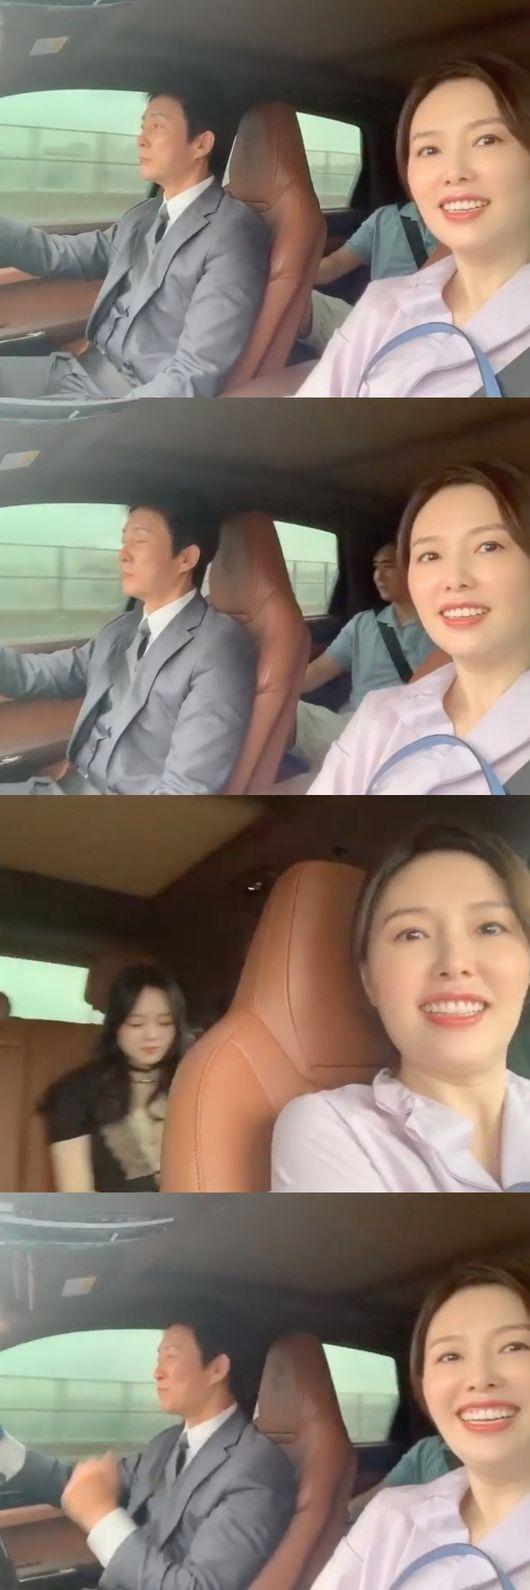 최수종♥하희라, 우월 DNA 결정체 아들·딸 공개..아이돌 센터급 비주얼 핫 [종합]